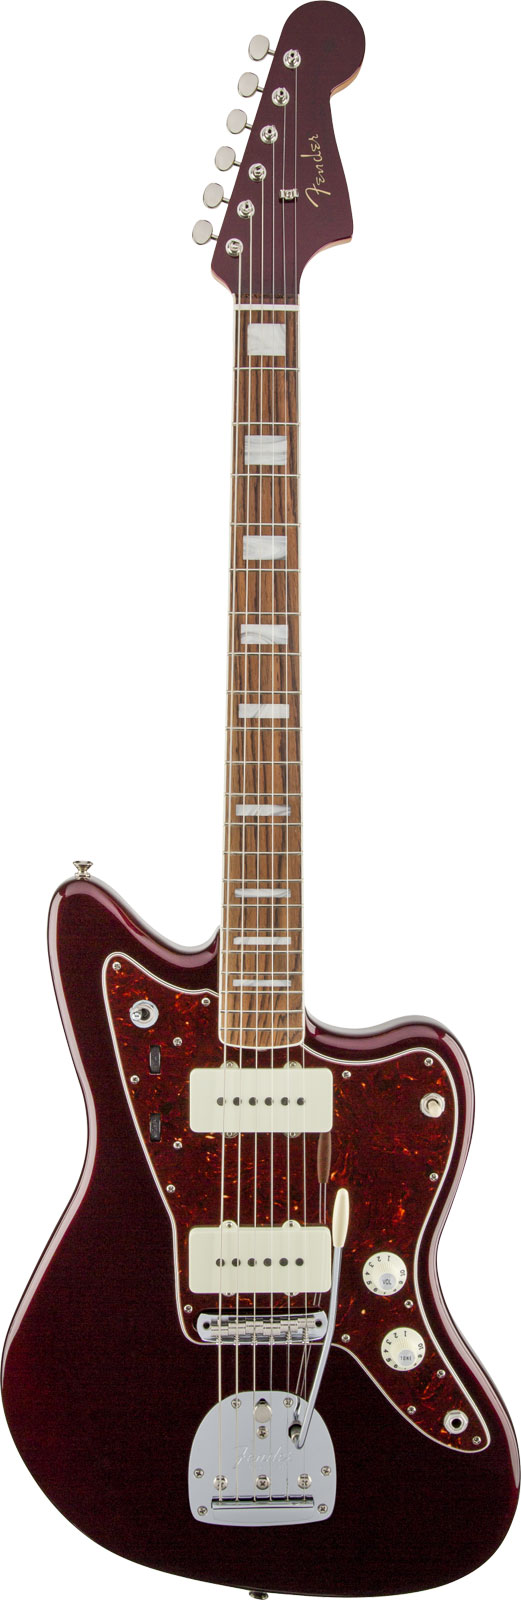 Fender Troy Van Leeuwen Jazzmaster Oxblood